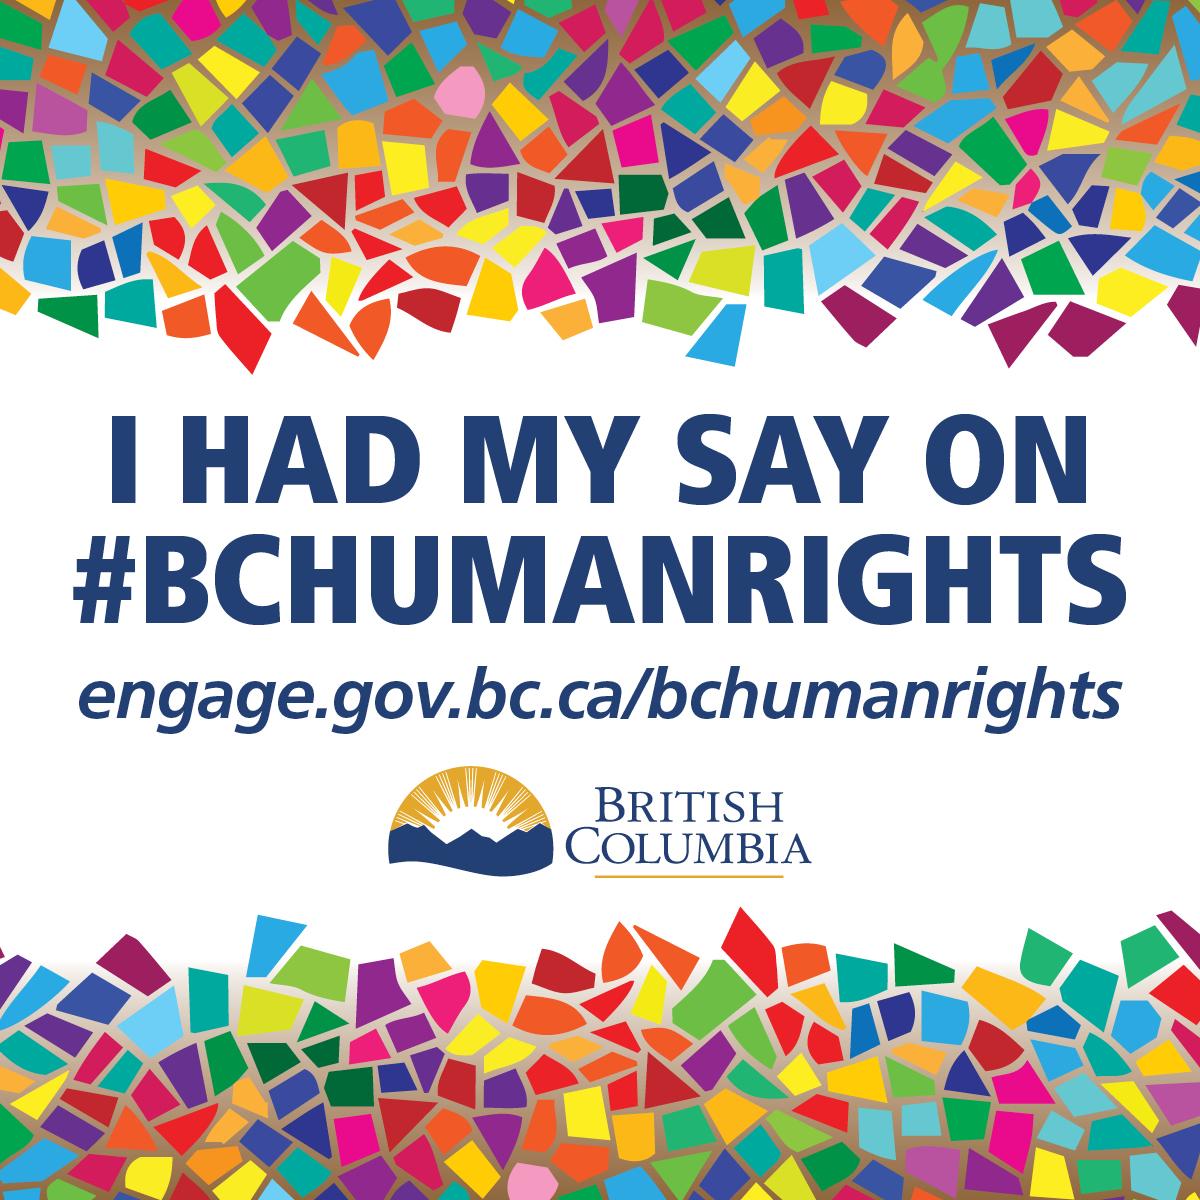 HumanRights_1200x1200_HadMySay.jpg